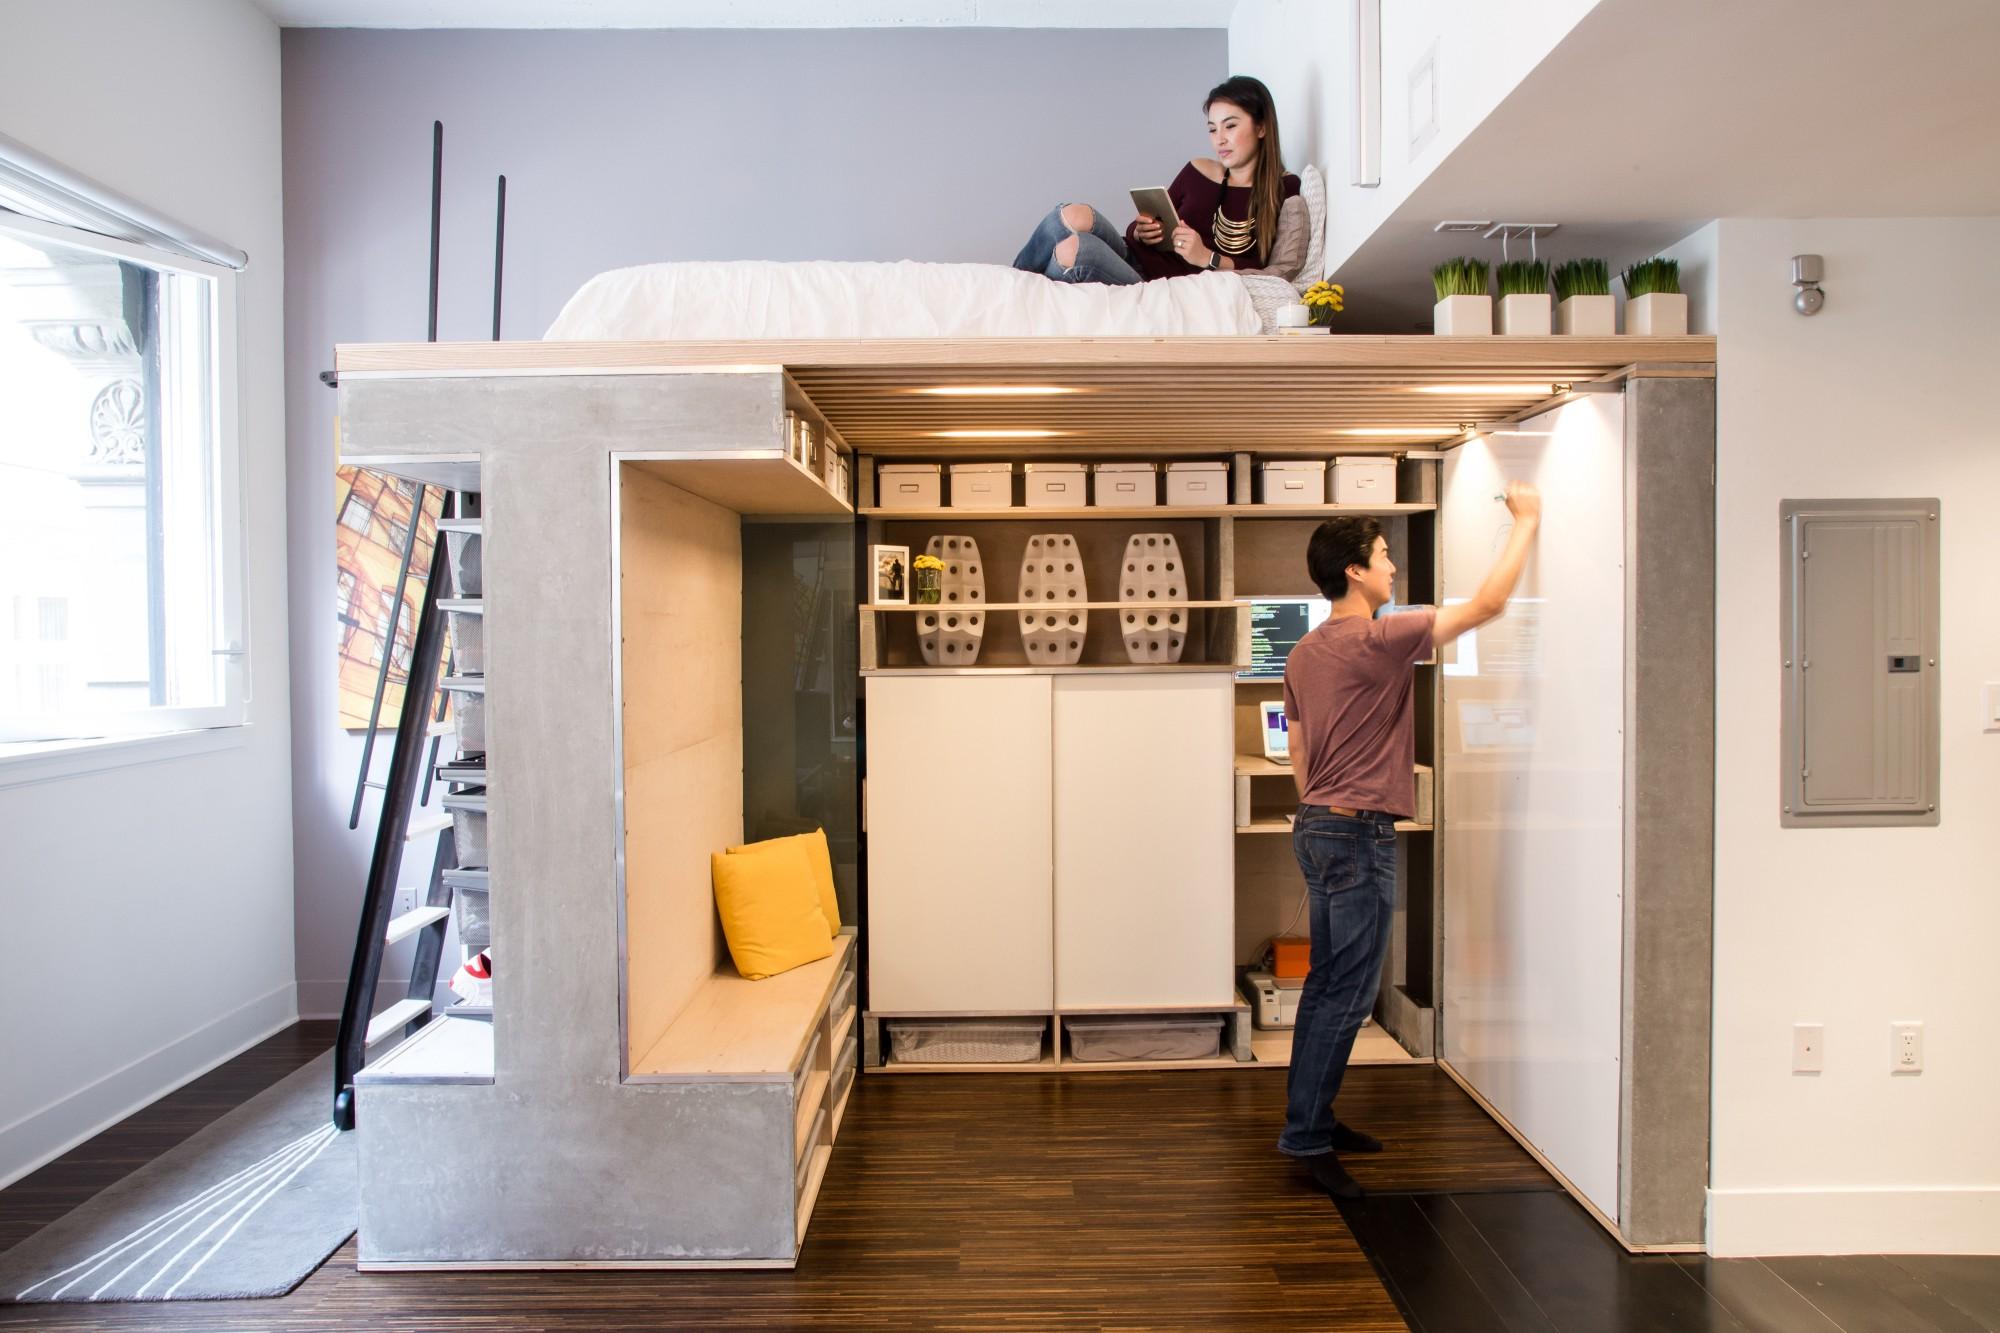 galéria a lakásban -kis lakás